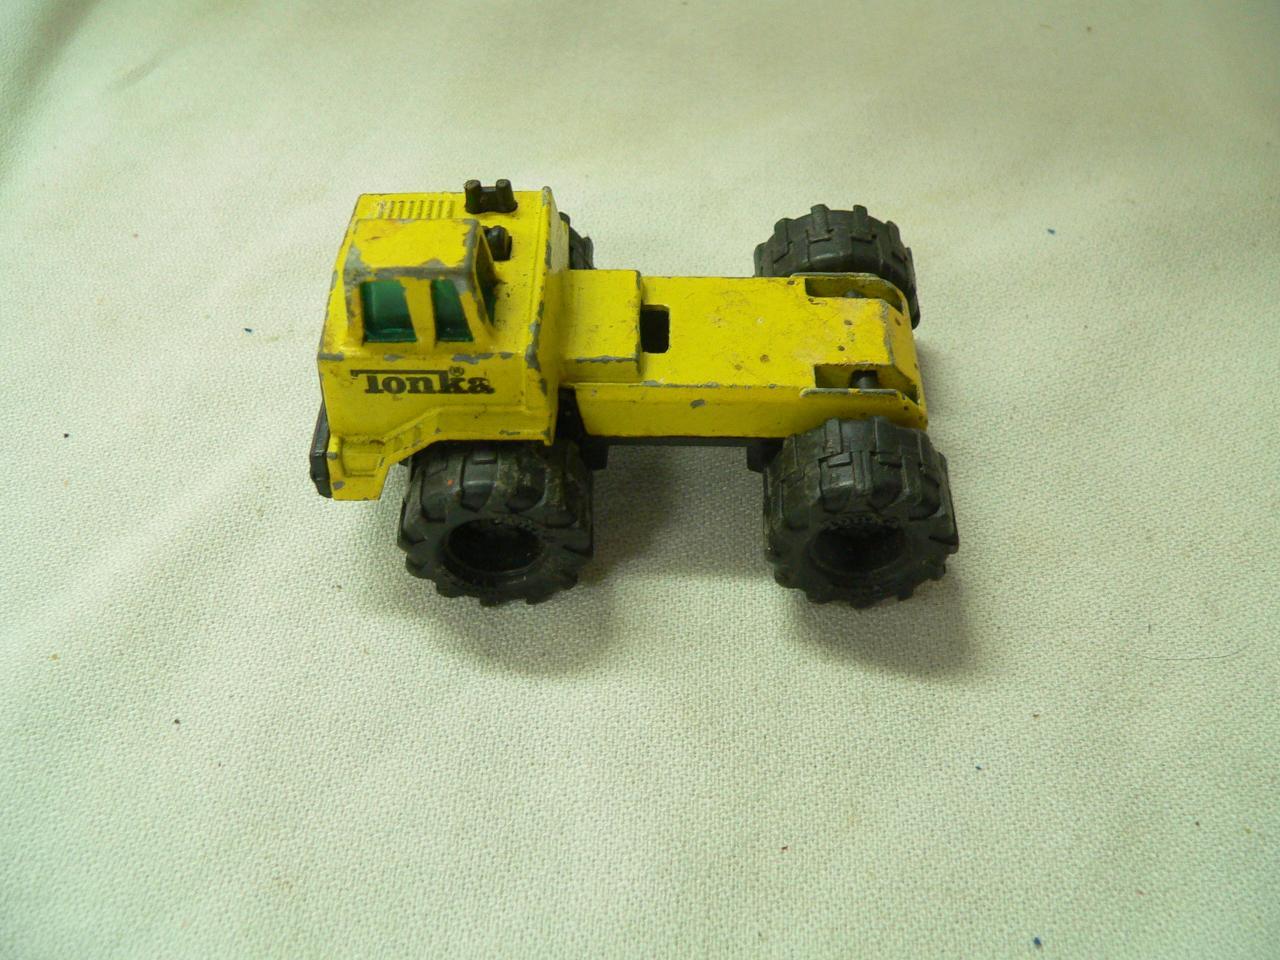 Camion tonka # 3968.1